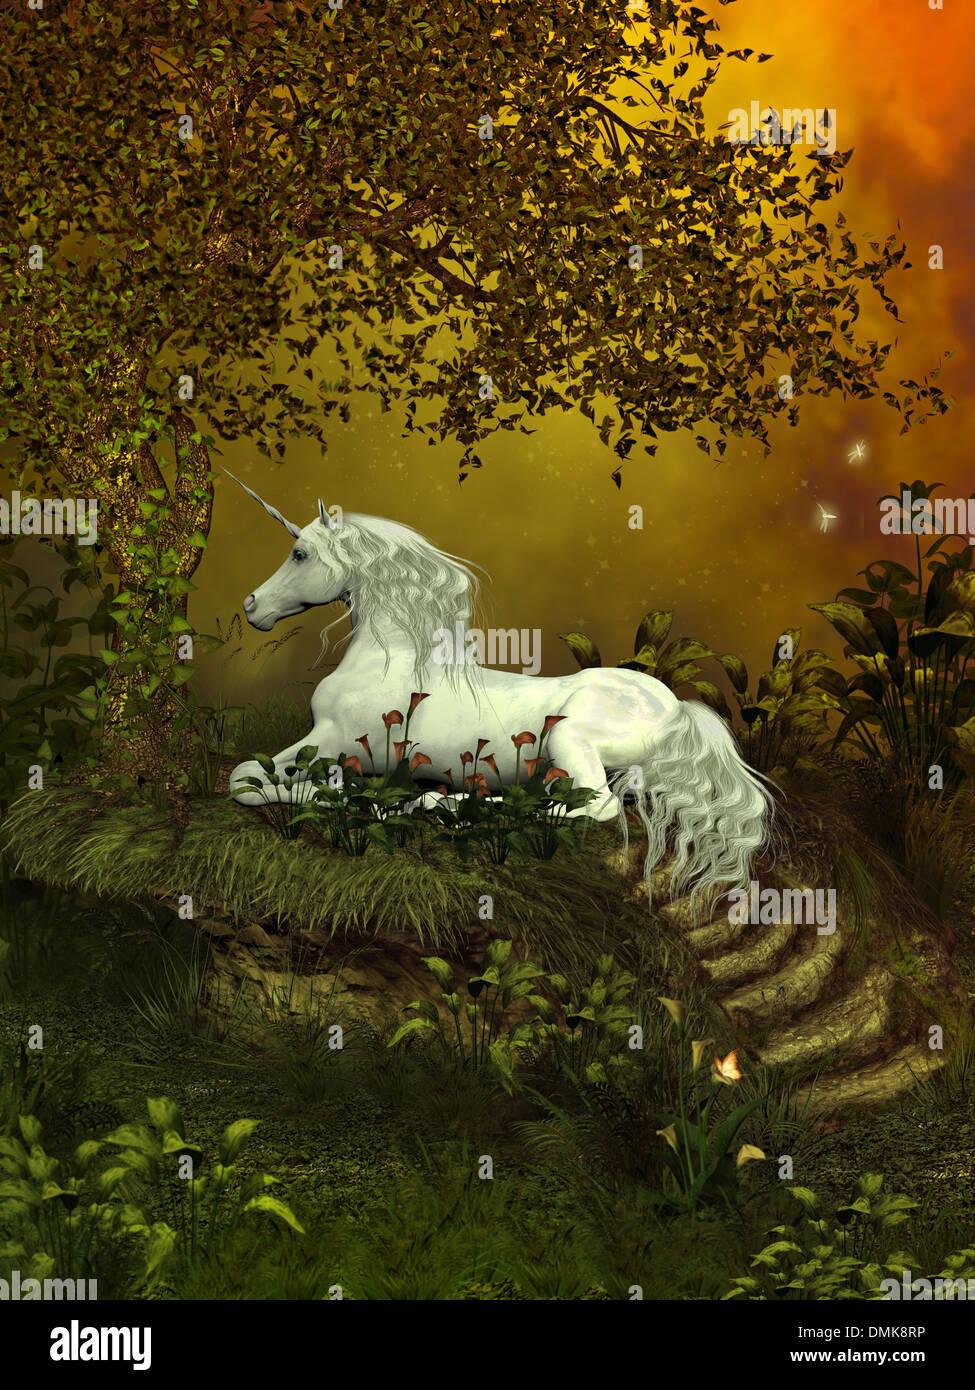 Ein schönes weißes Einhorn legt unter einem Wald Baum zum Ausruhen unter den Blumen. Stockbild